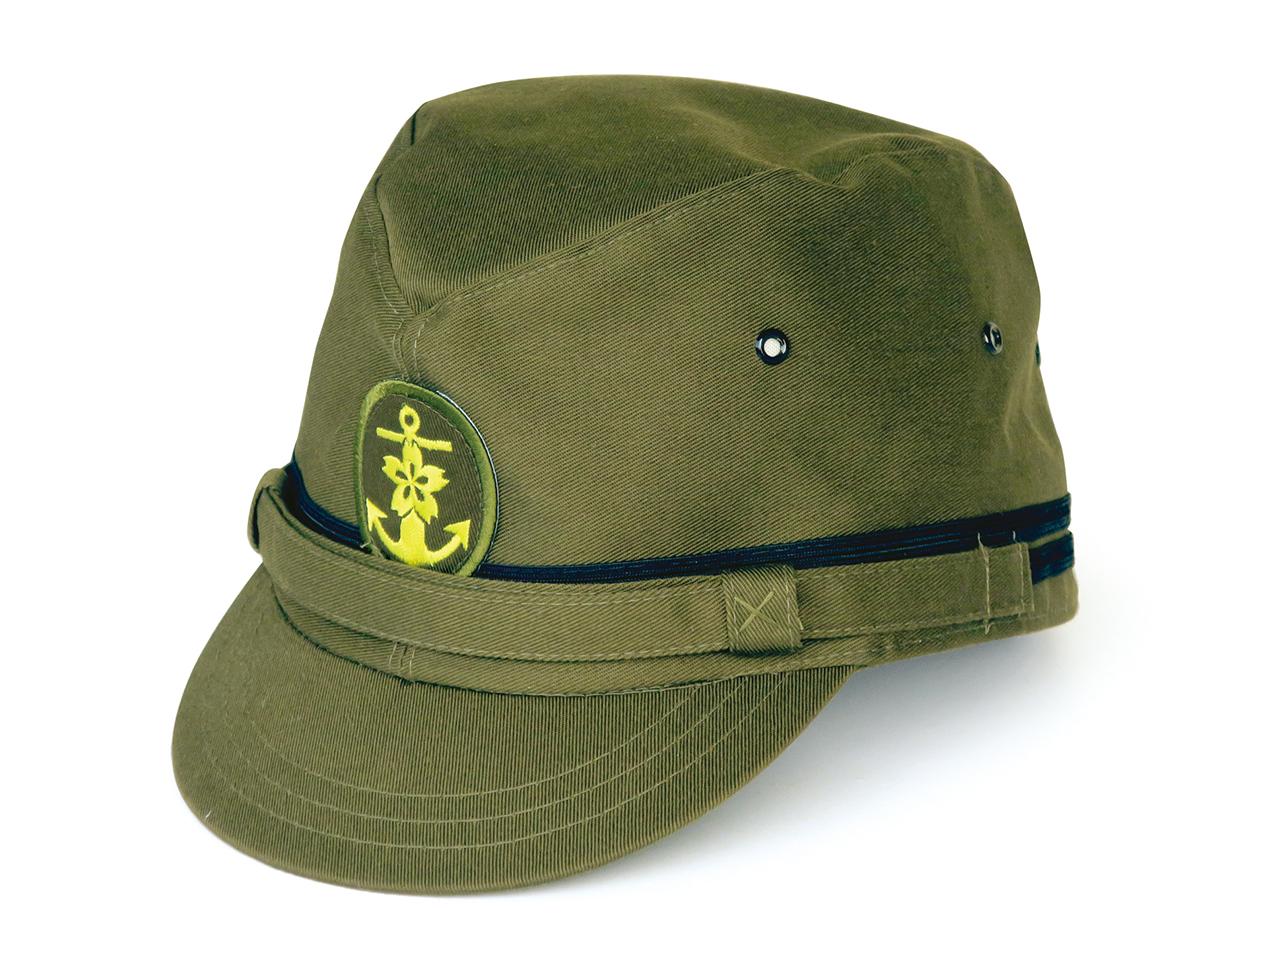 シャポーサオトメ 旧海軍士官略帽・グリーン 72002